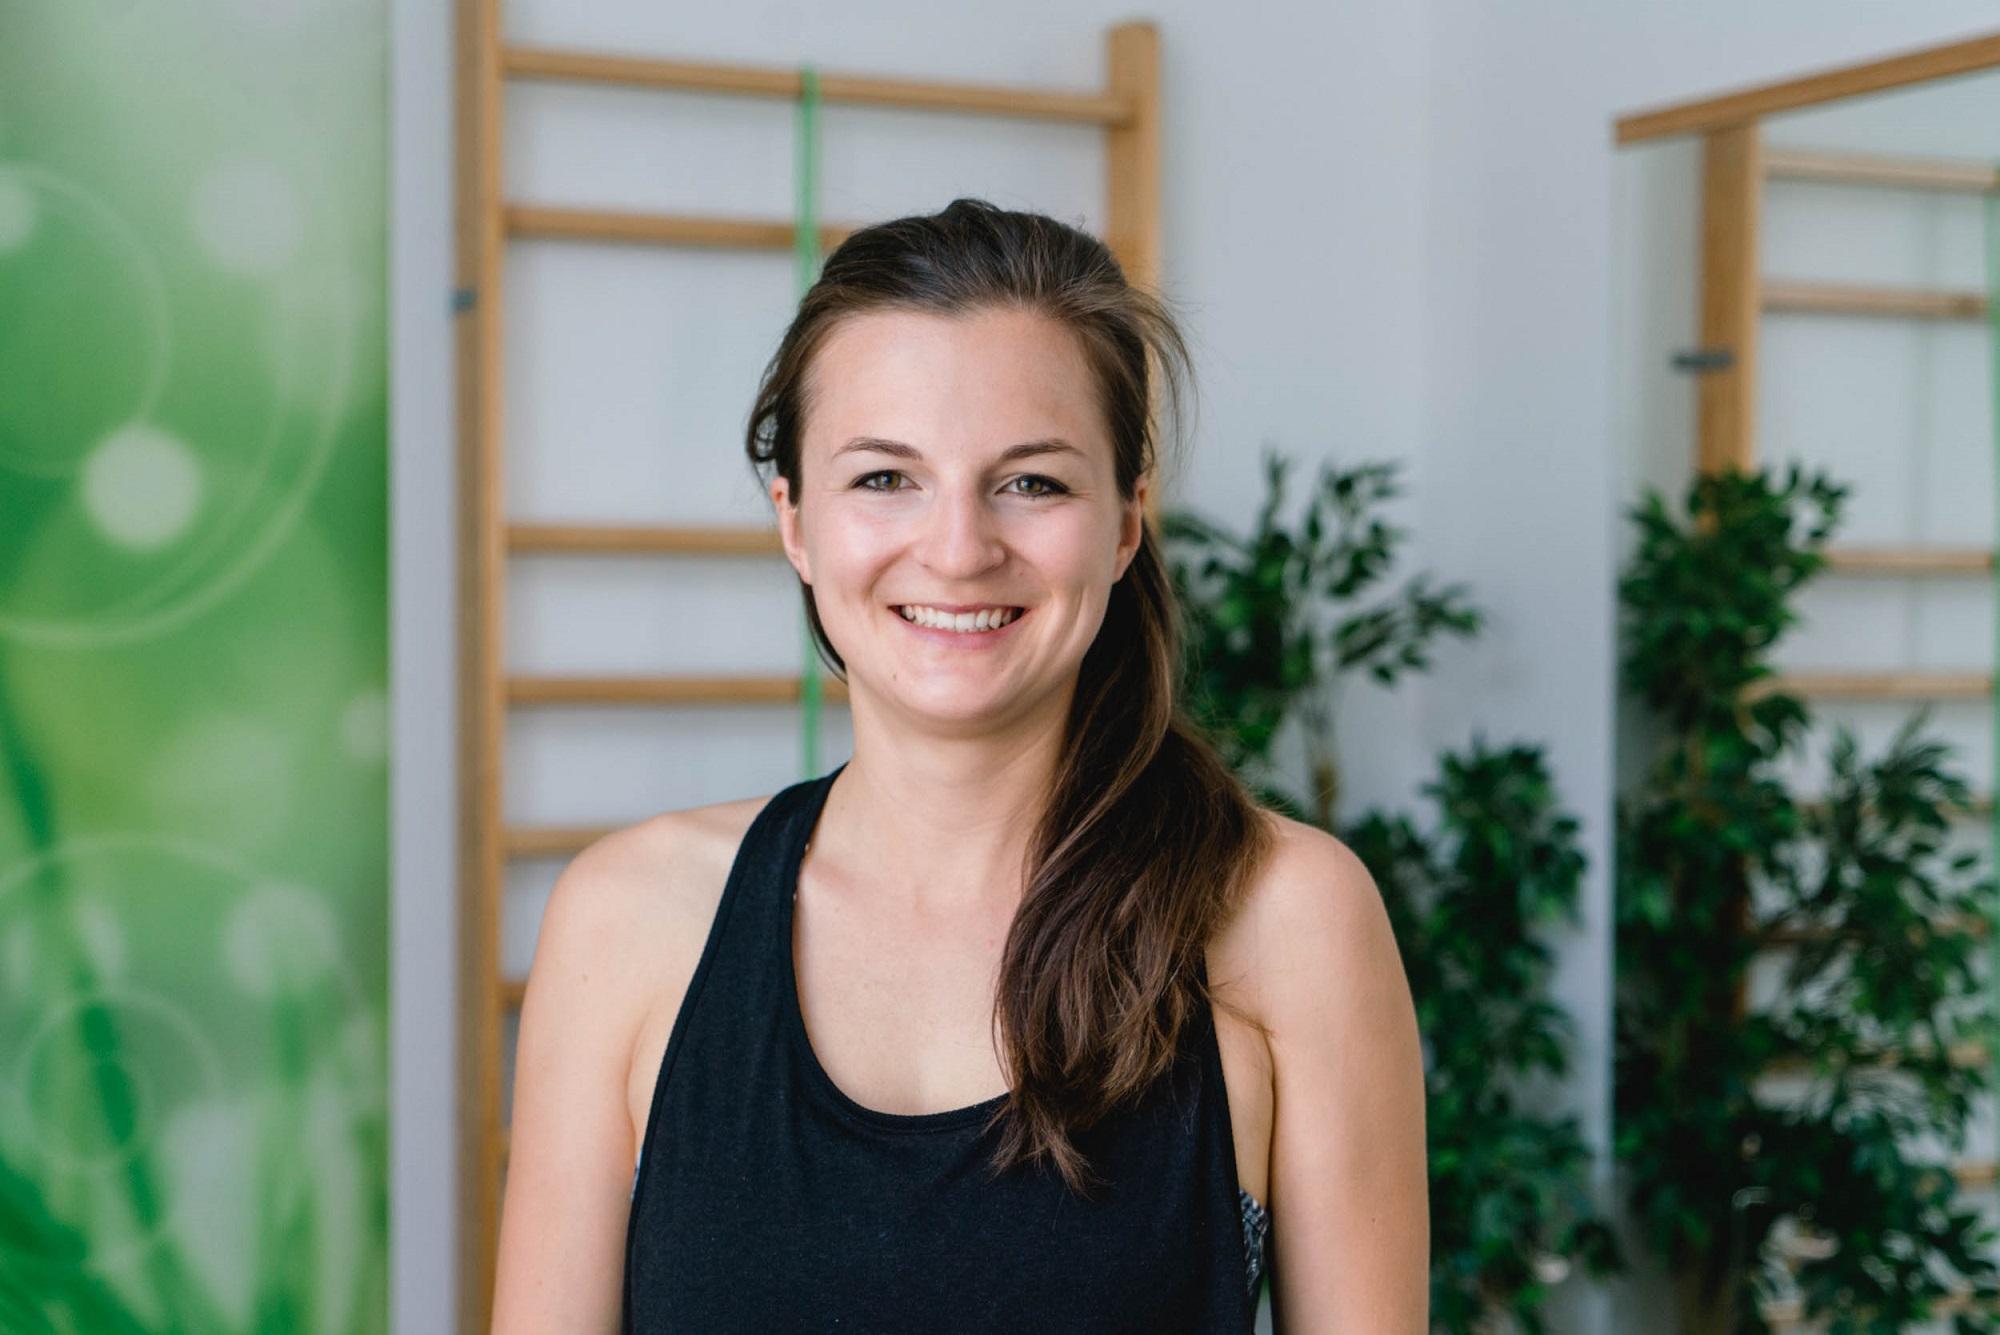 Miriam Bernhardt